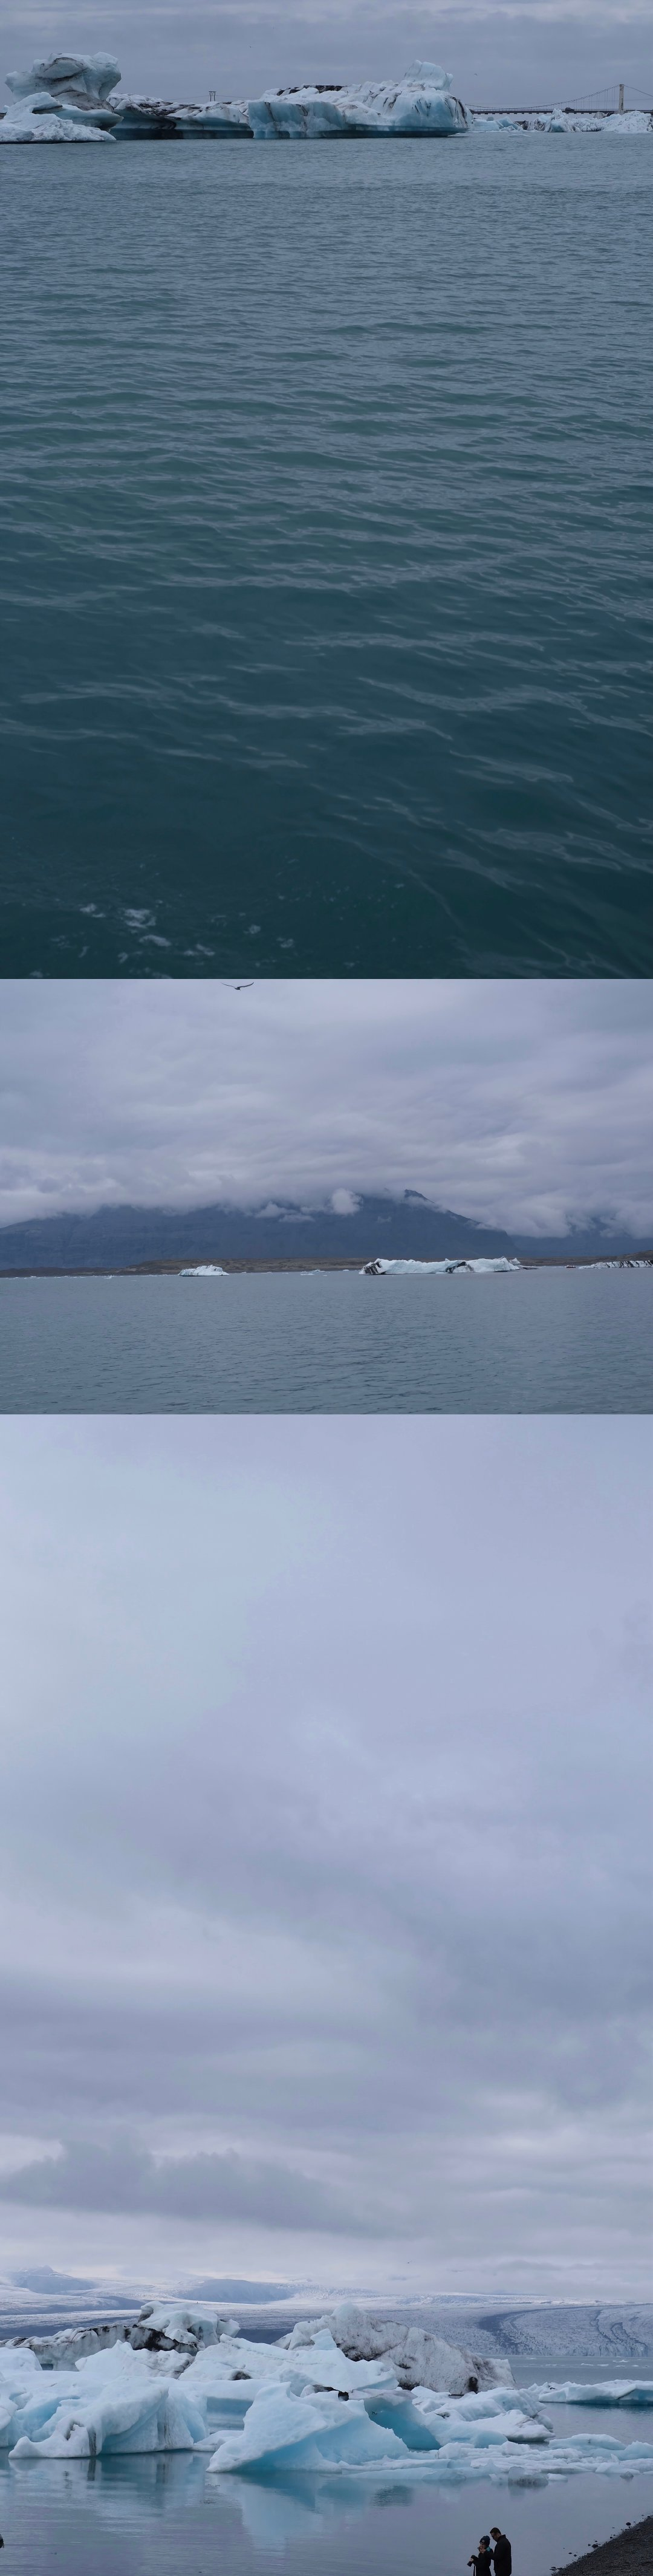 北极圈的风  @unocho